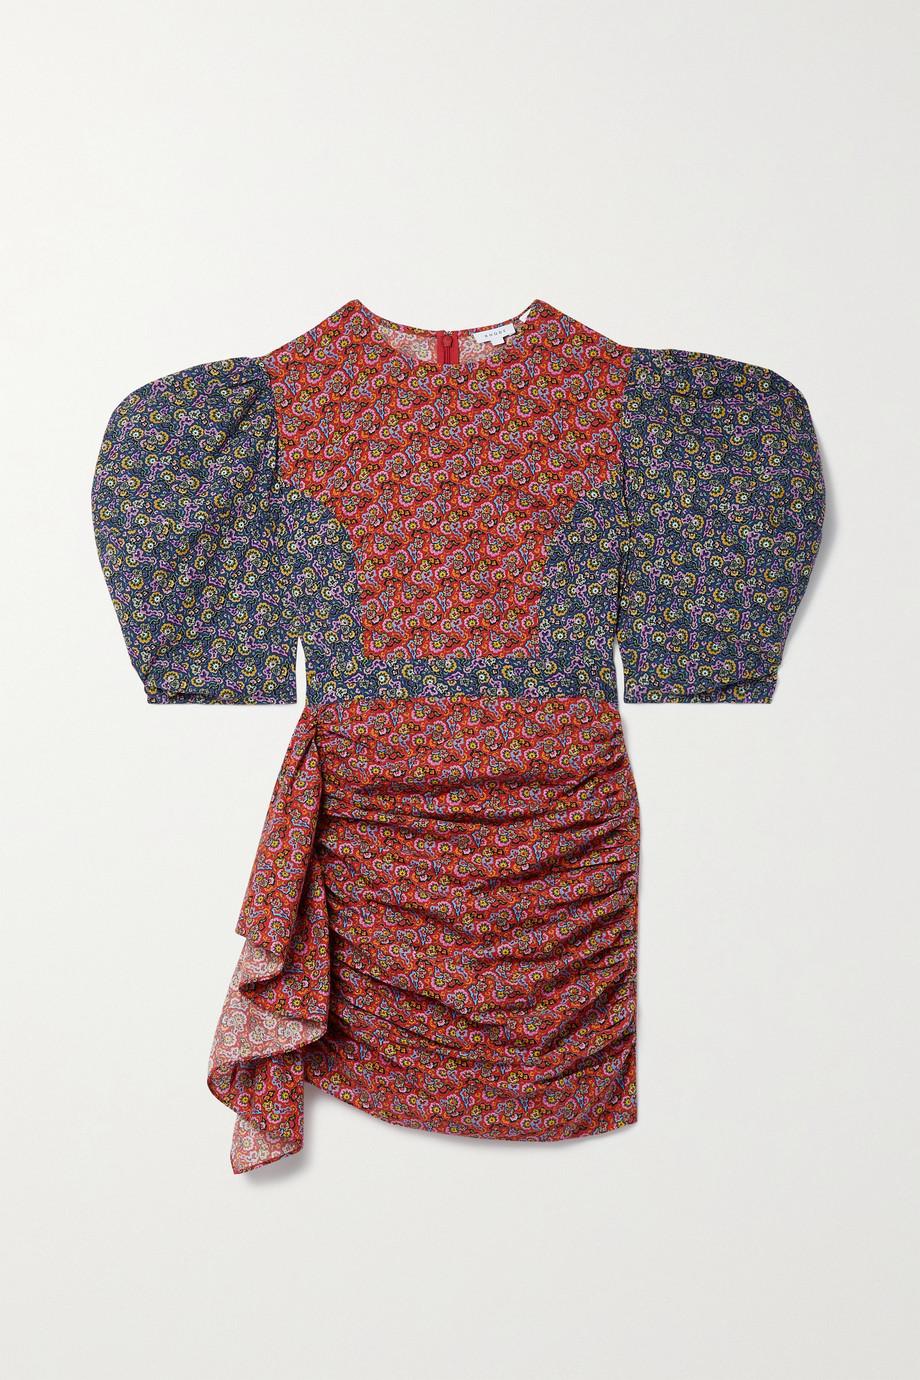 Rhode Pia Minikleid aus Baumwolle mit Blumenprint in Patchwork-Optik und Drapierung